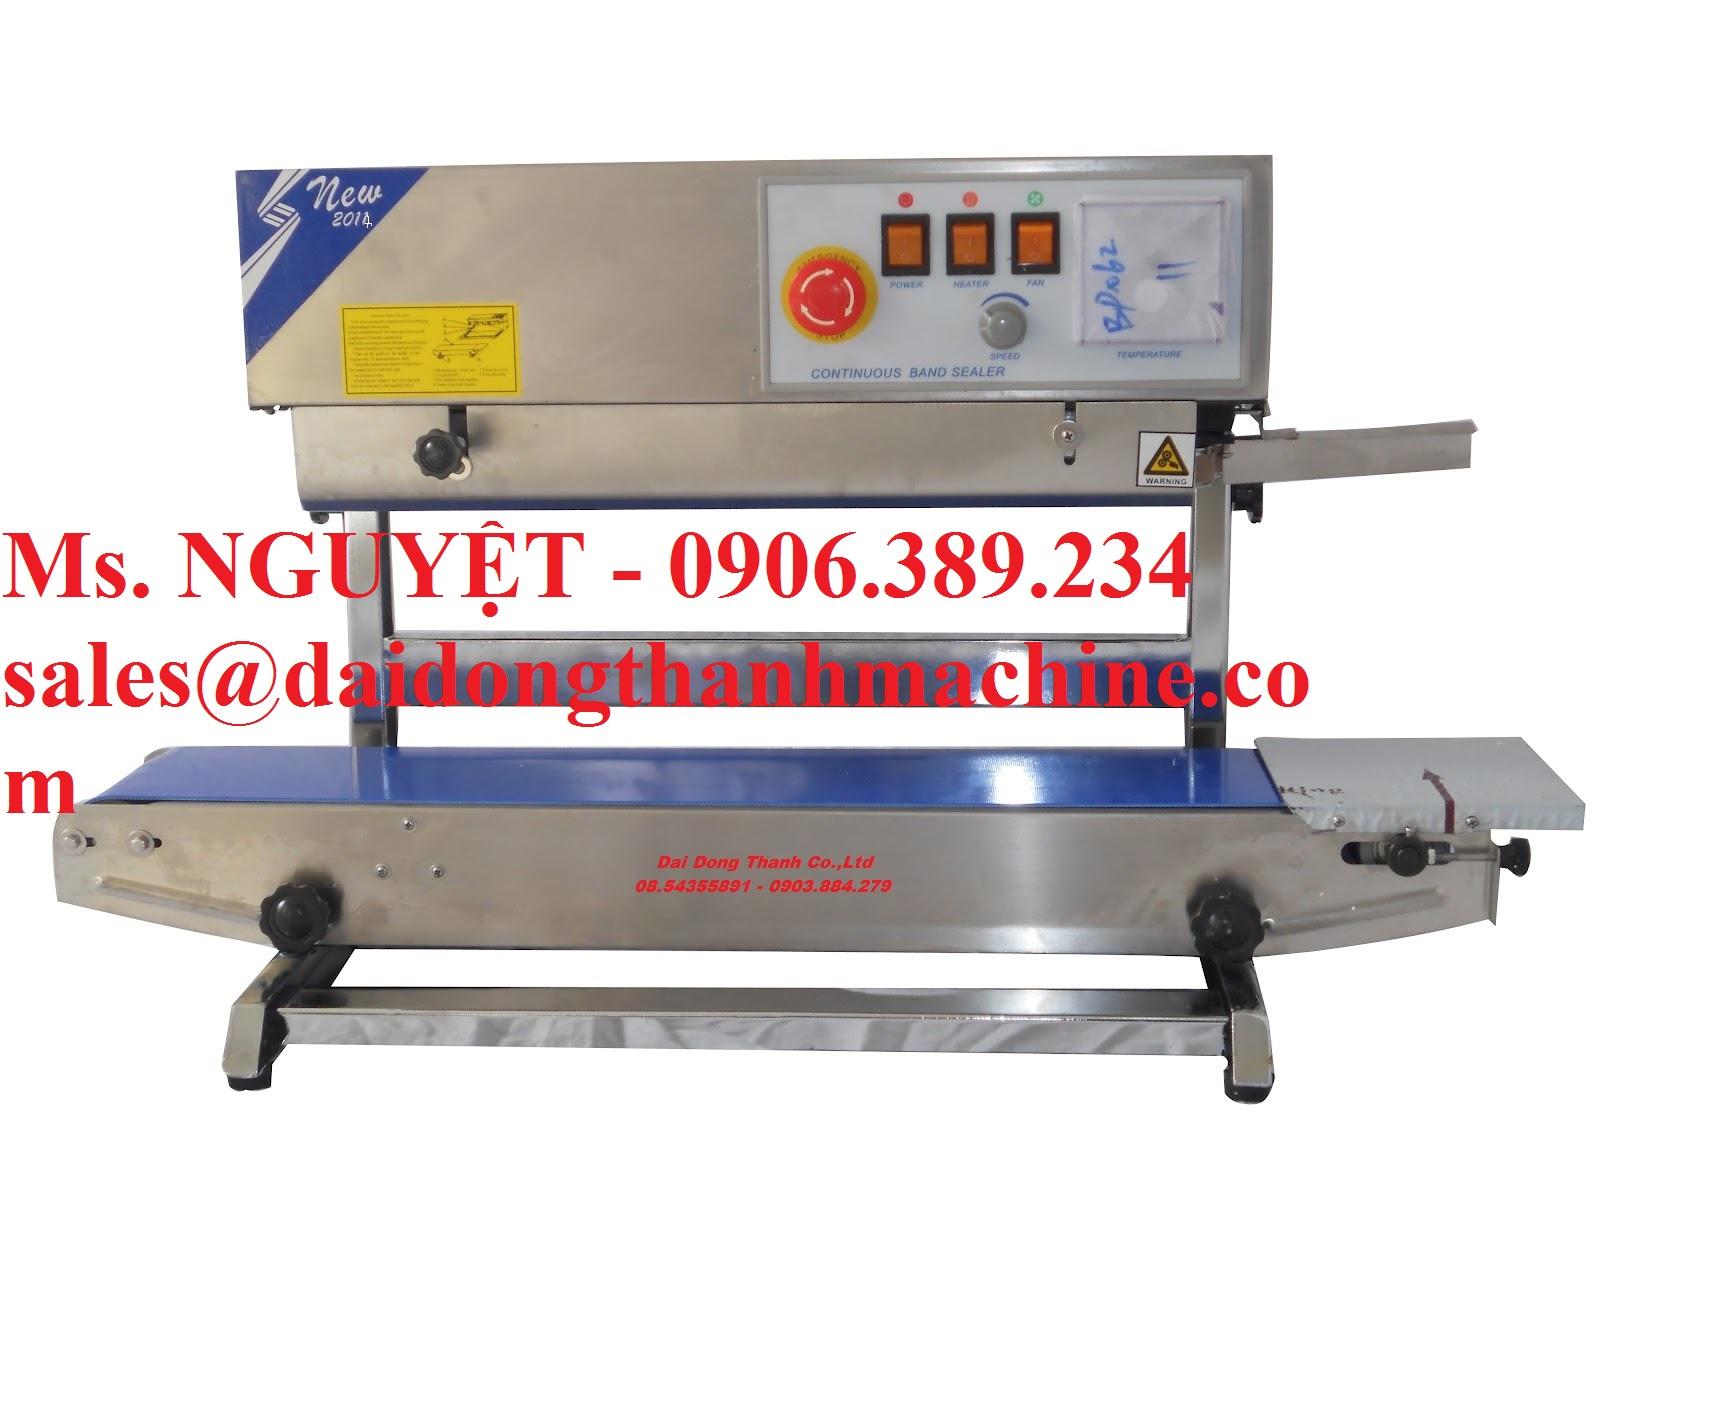 Máy dán miệng túi tự động hàn nhiệt DBF-770WL dạng đứng